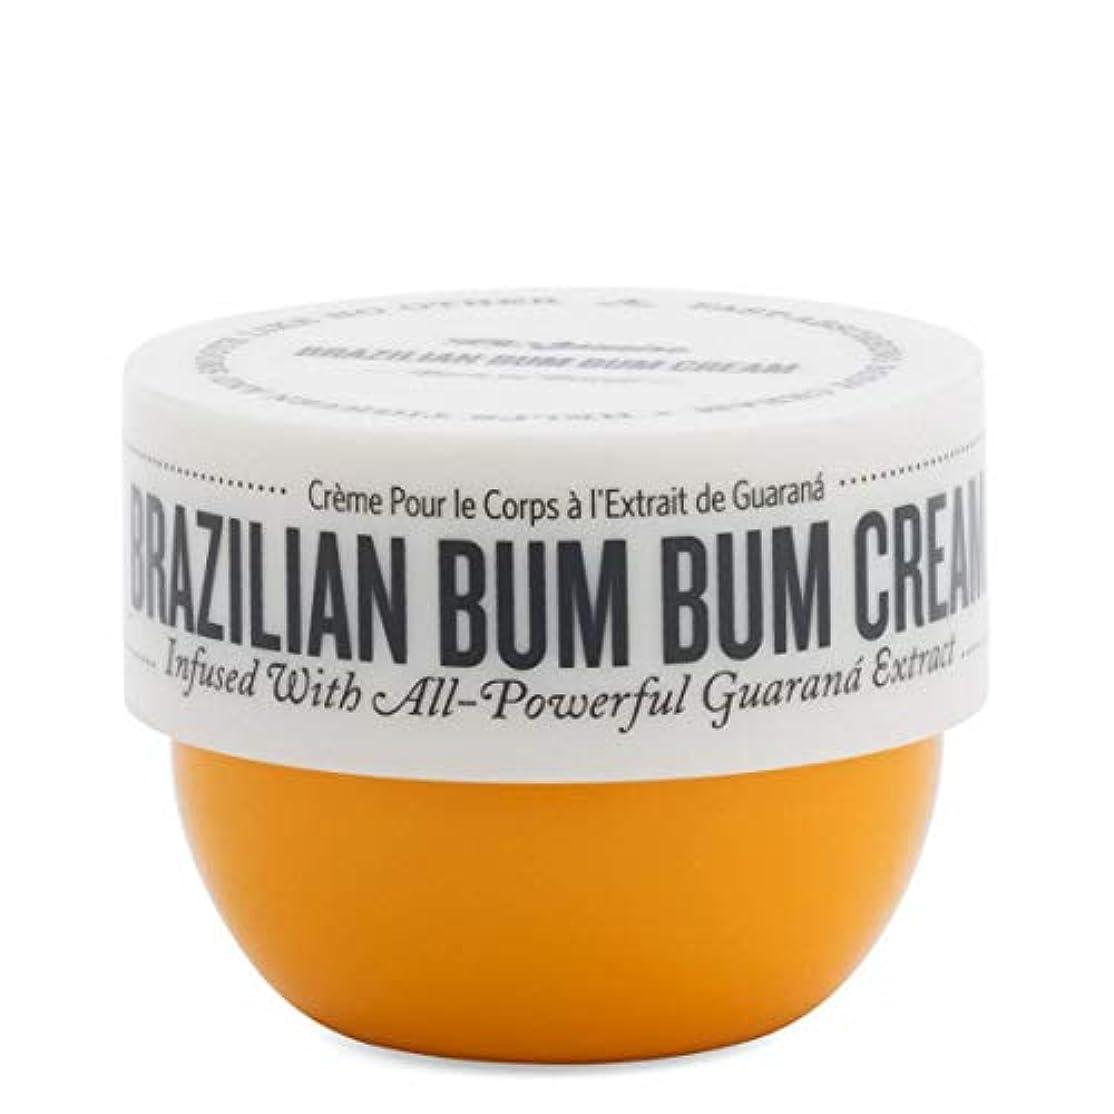 シェルターおとなしい申し込む《 ブラジリアン ブンブンクリーム 》Brazilian BUM BUM Cream (240ml)